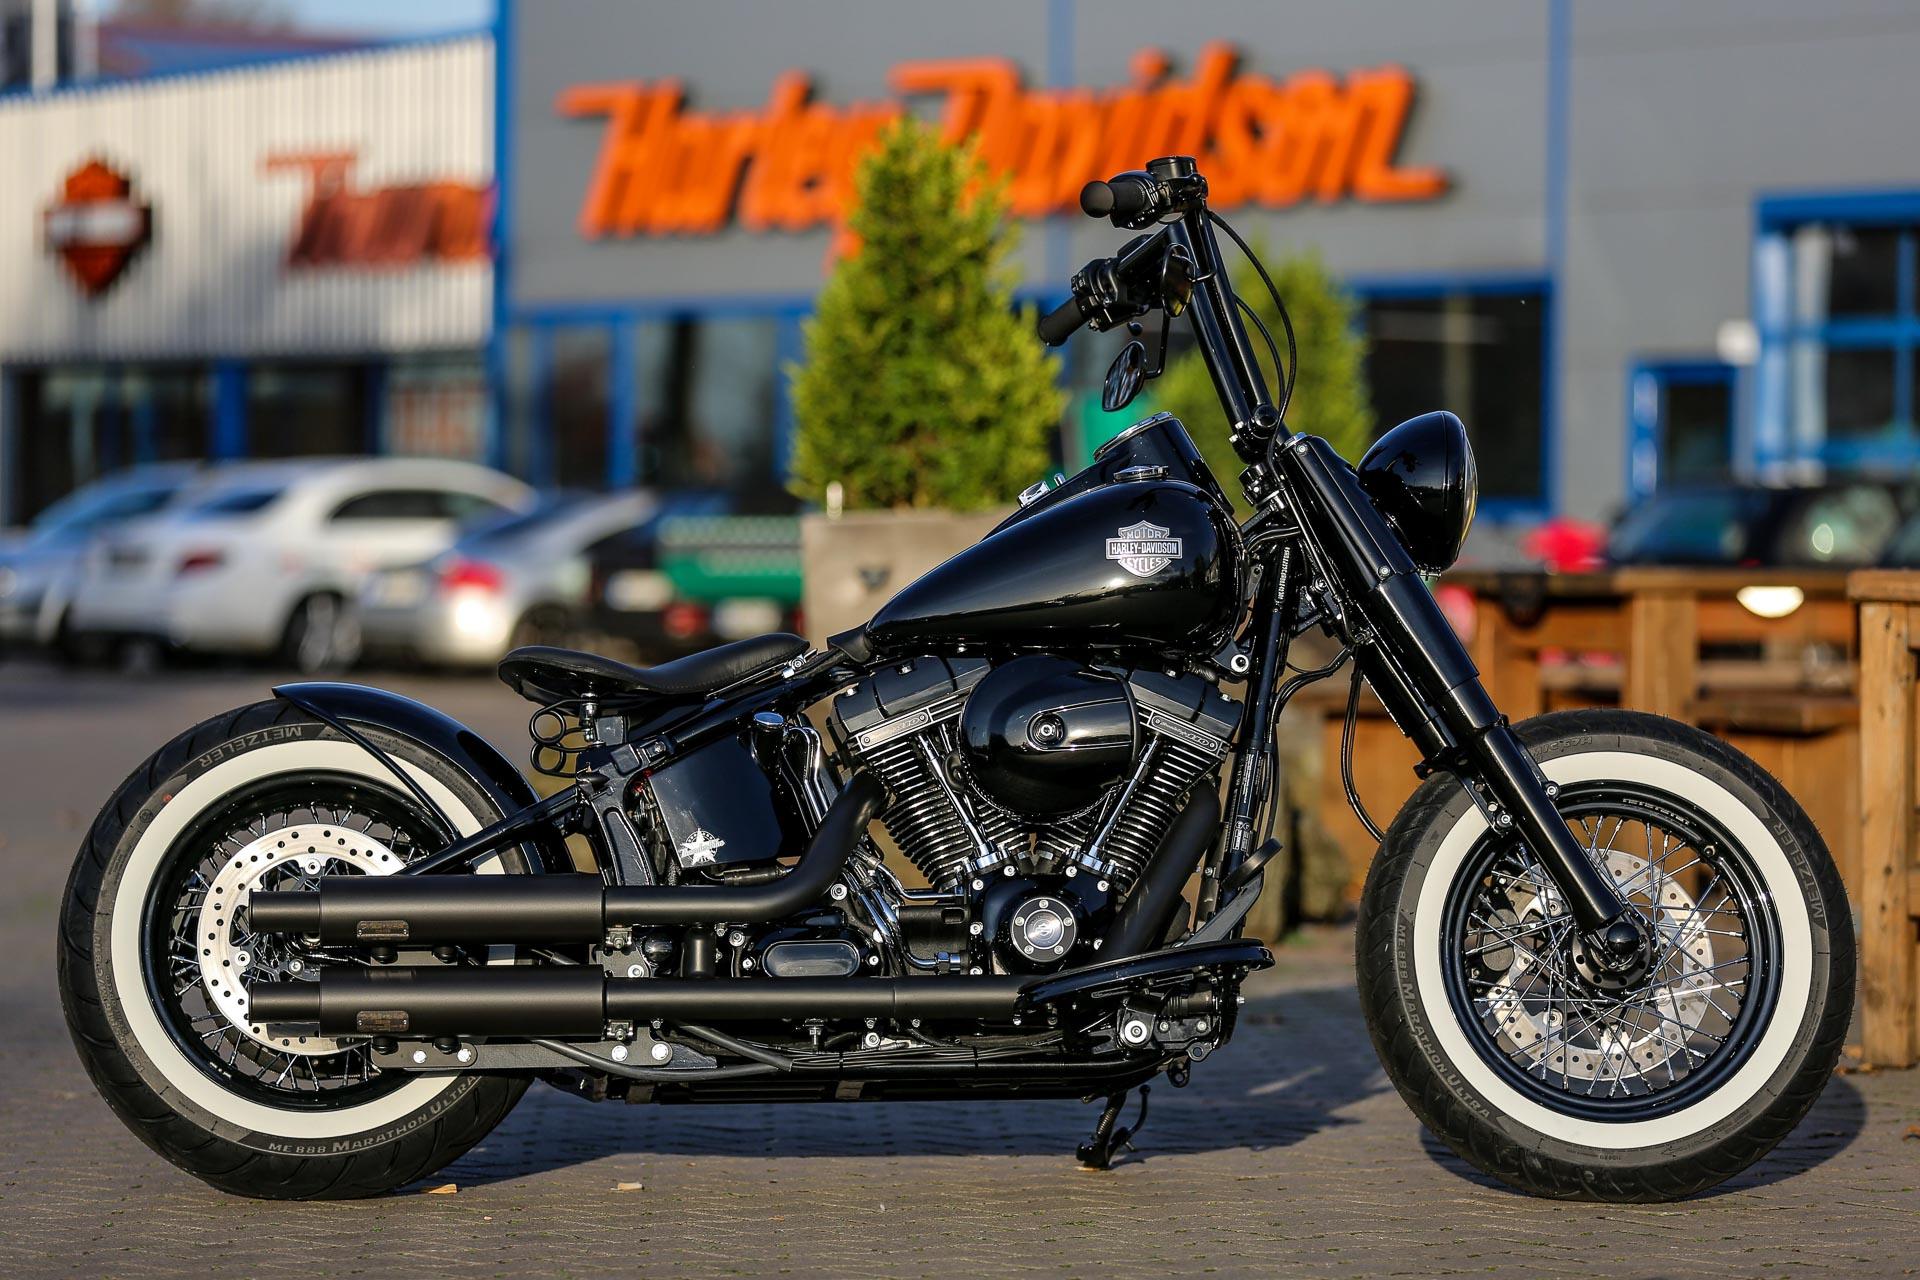 Harley Softail Slim >> Thunderbike Black Gloss • H-D Softail Slim FLS Custom ...